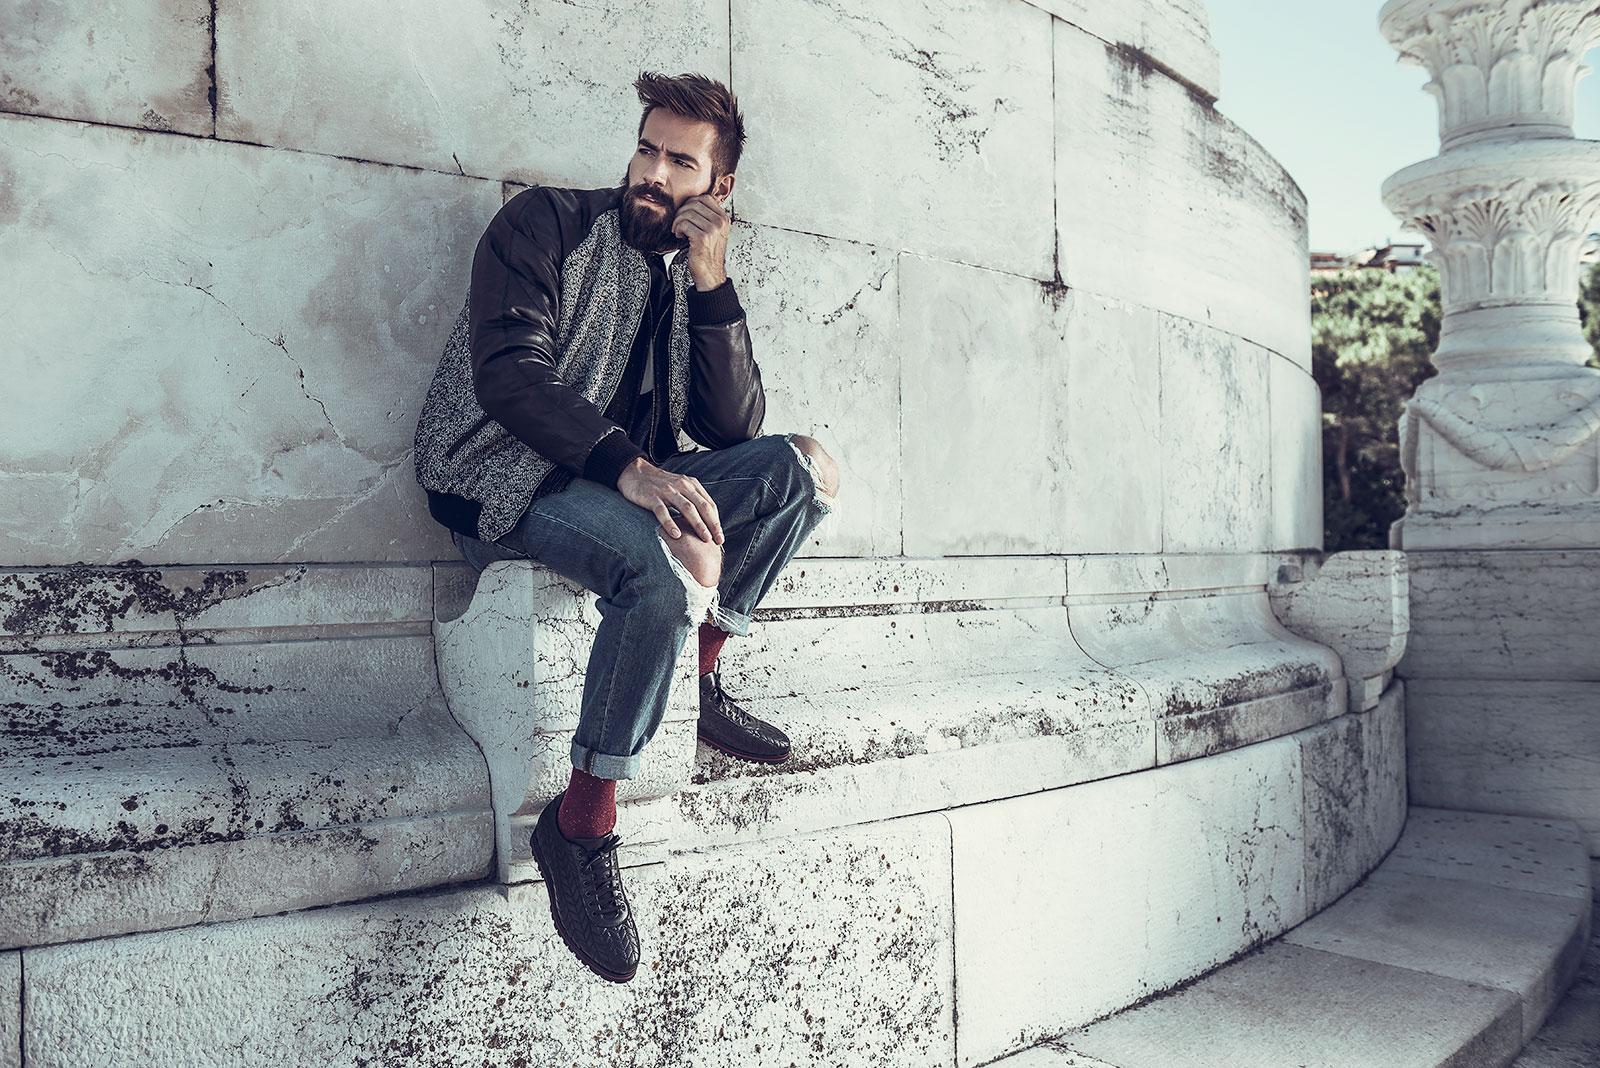 fotografo-moda-scarpe-giampieronicola